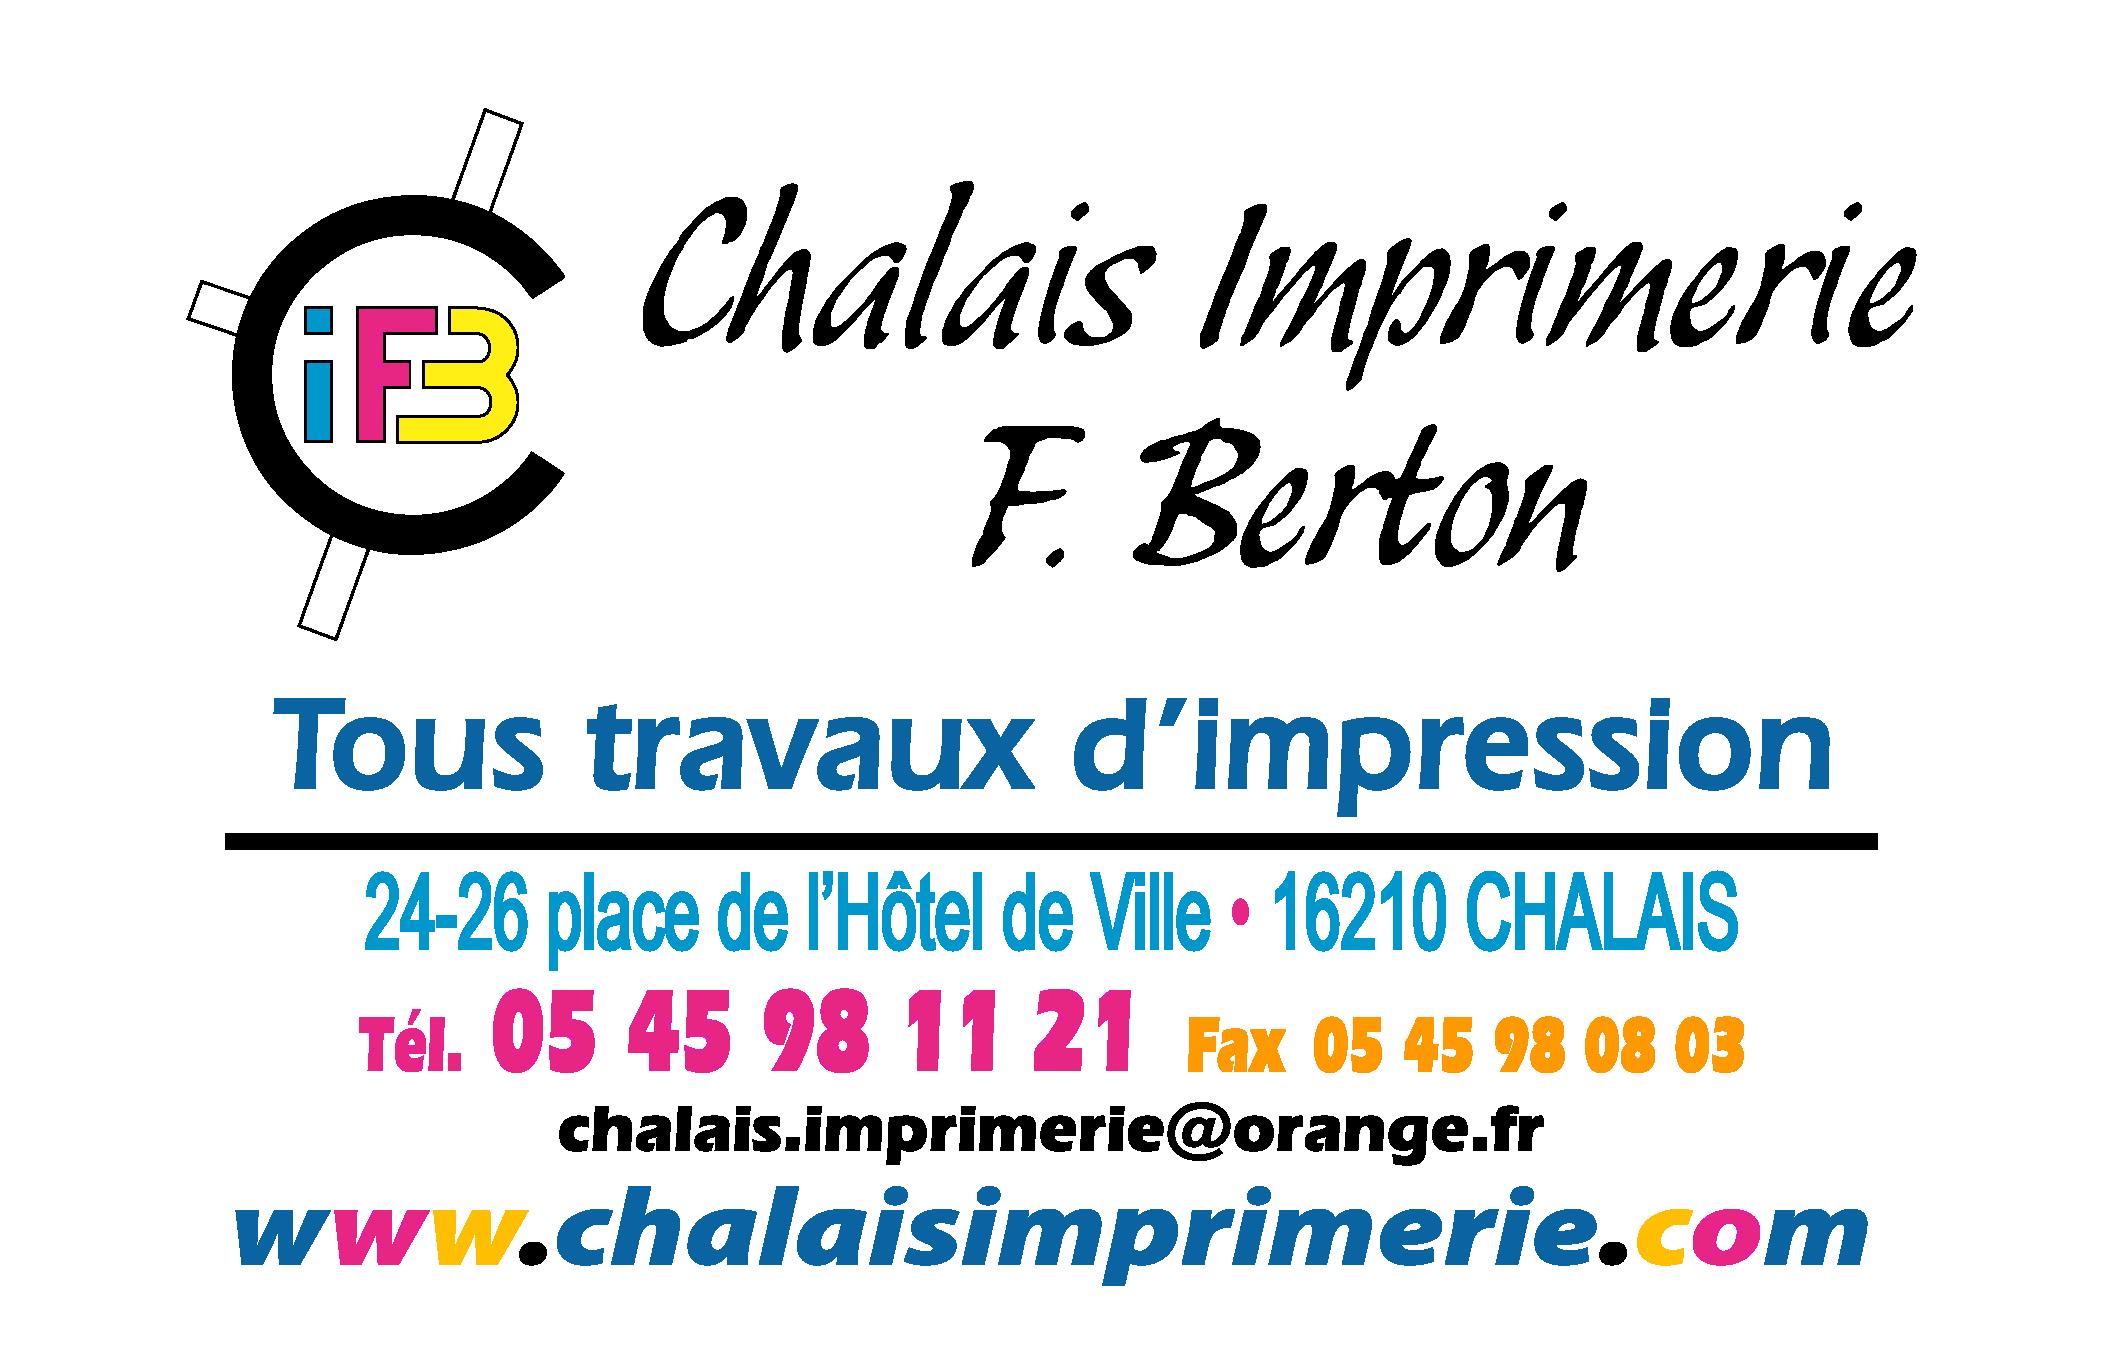 Chalais Imprimerie